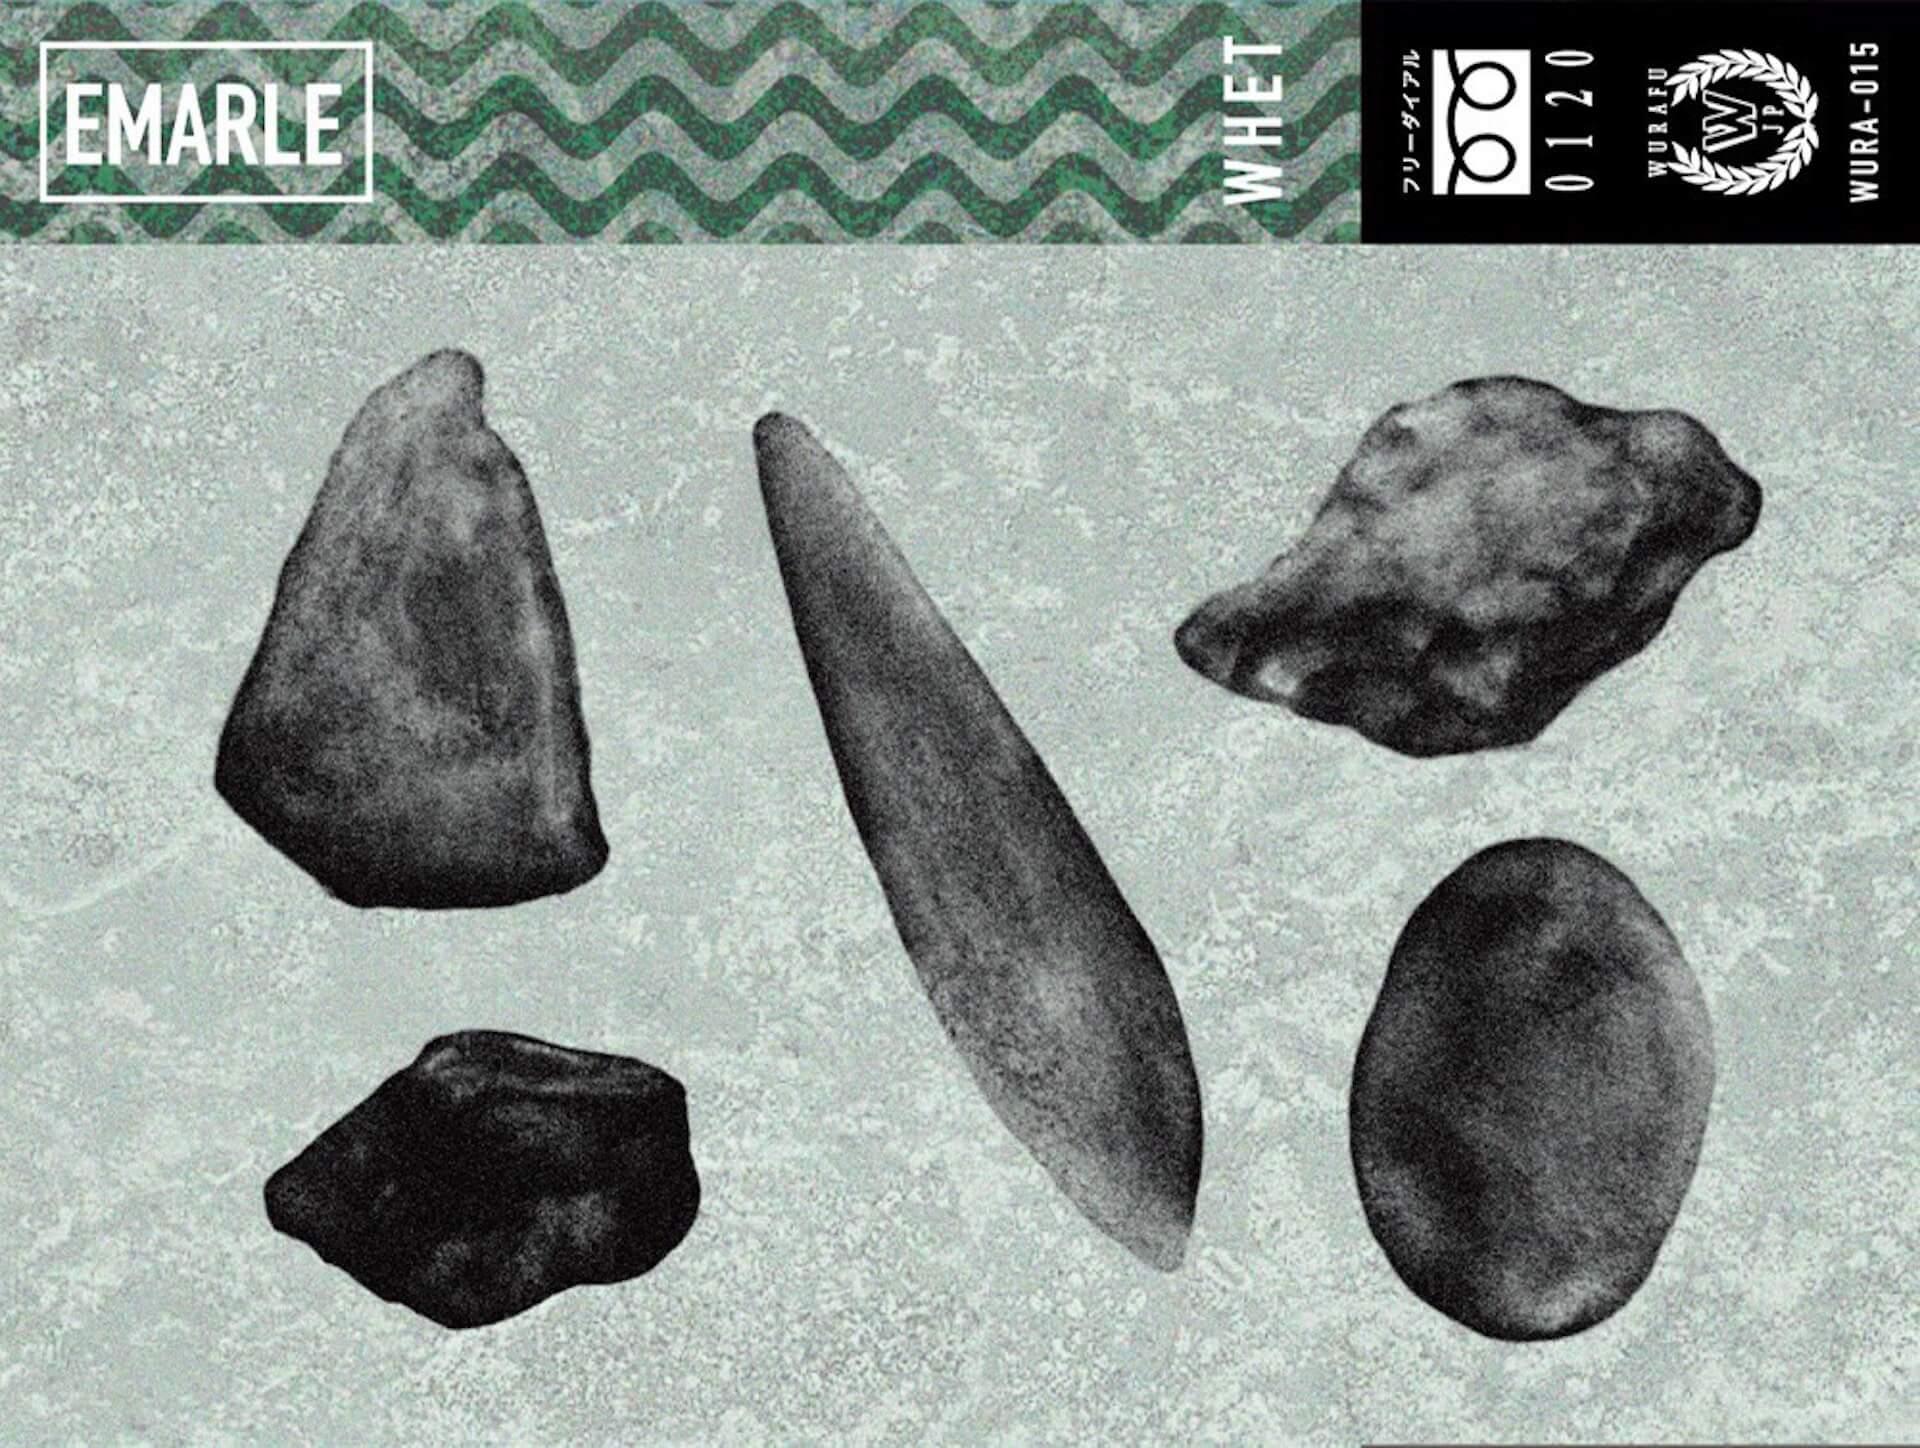 AI.U & EMARLEによるユニット0120が〈WURAFU〉よりミックステープをリリース|主催イベント「テレフォンクラブ」には悪魔の沼、RAMZA、suiminらが登場 music190815-0120-1